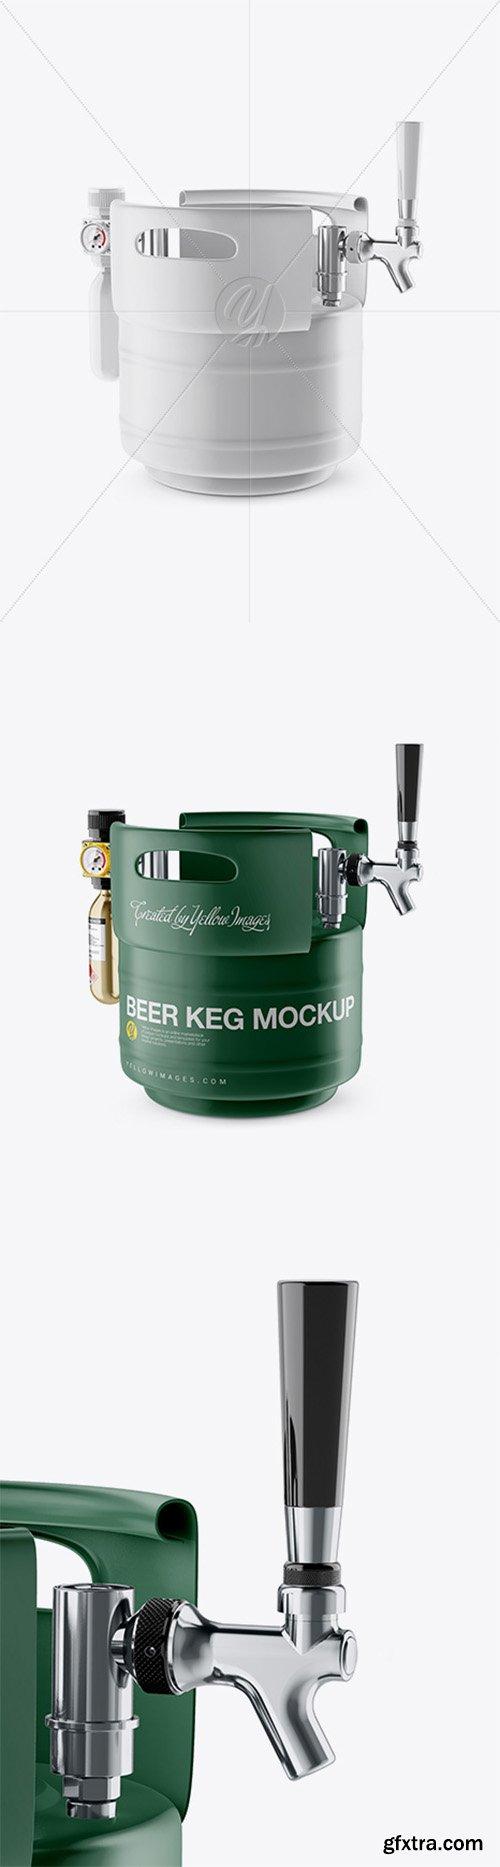 Matte Beer Keg Mockup - Half Side View 24641